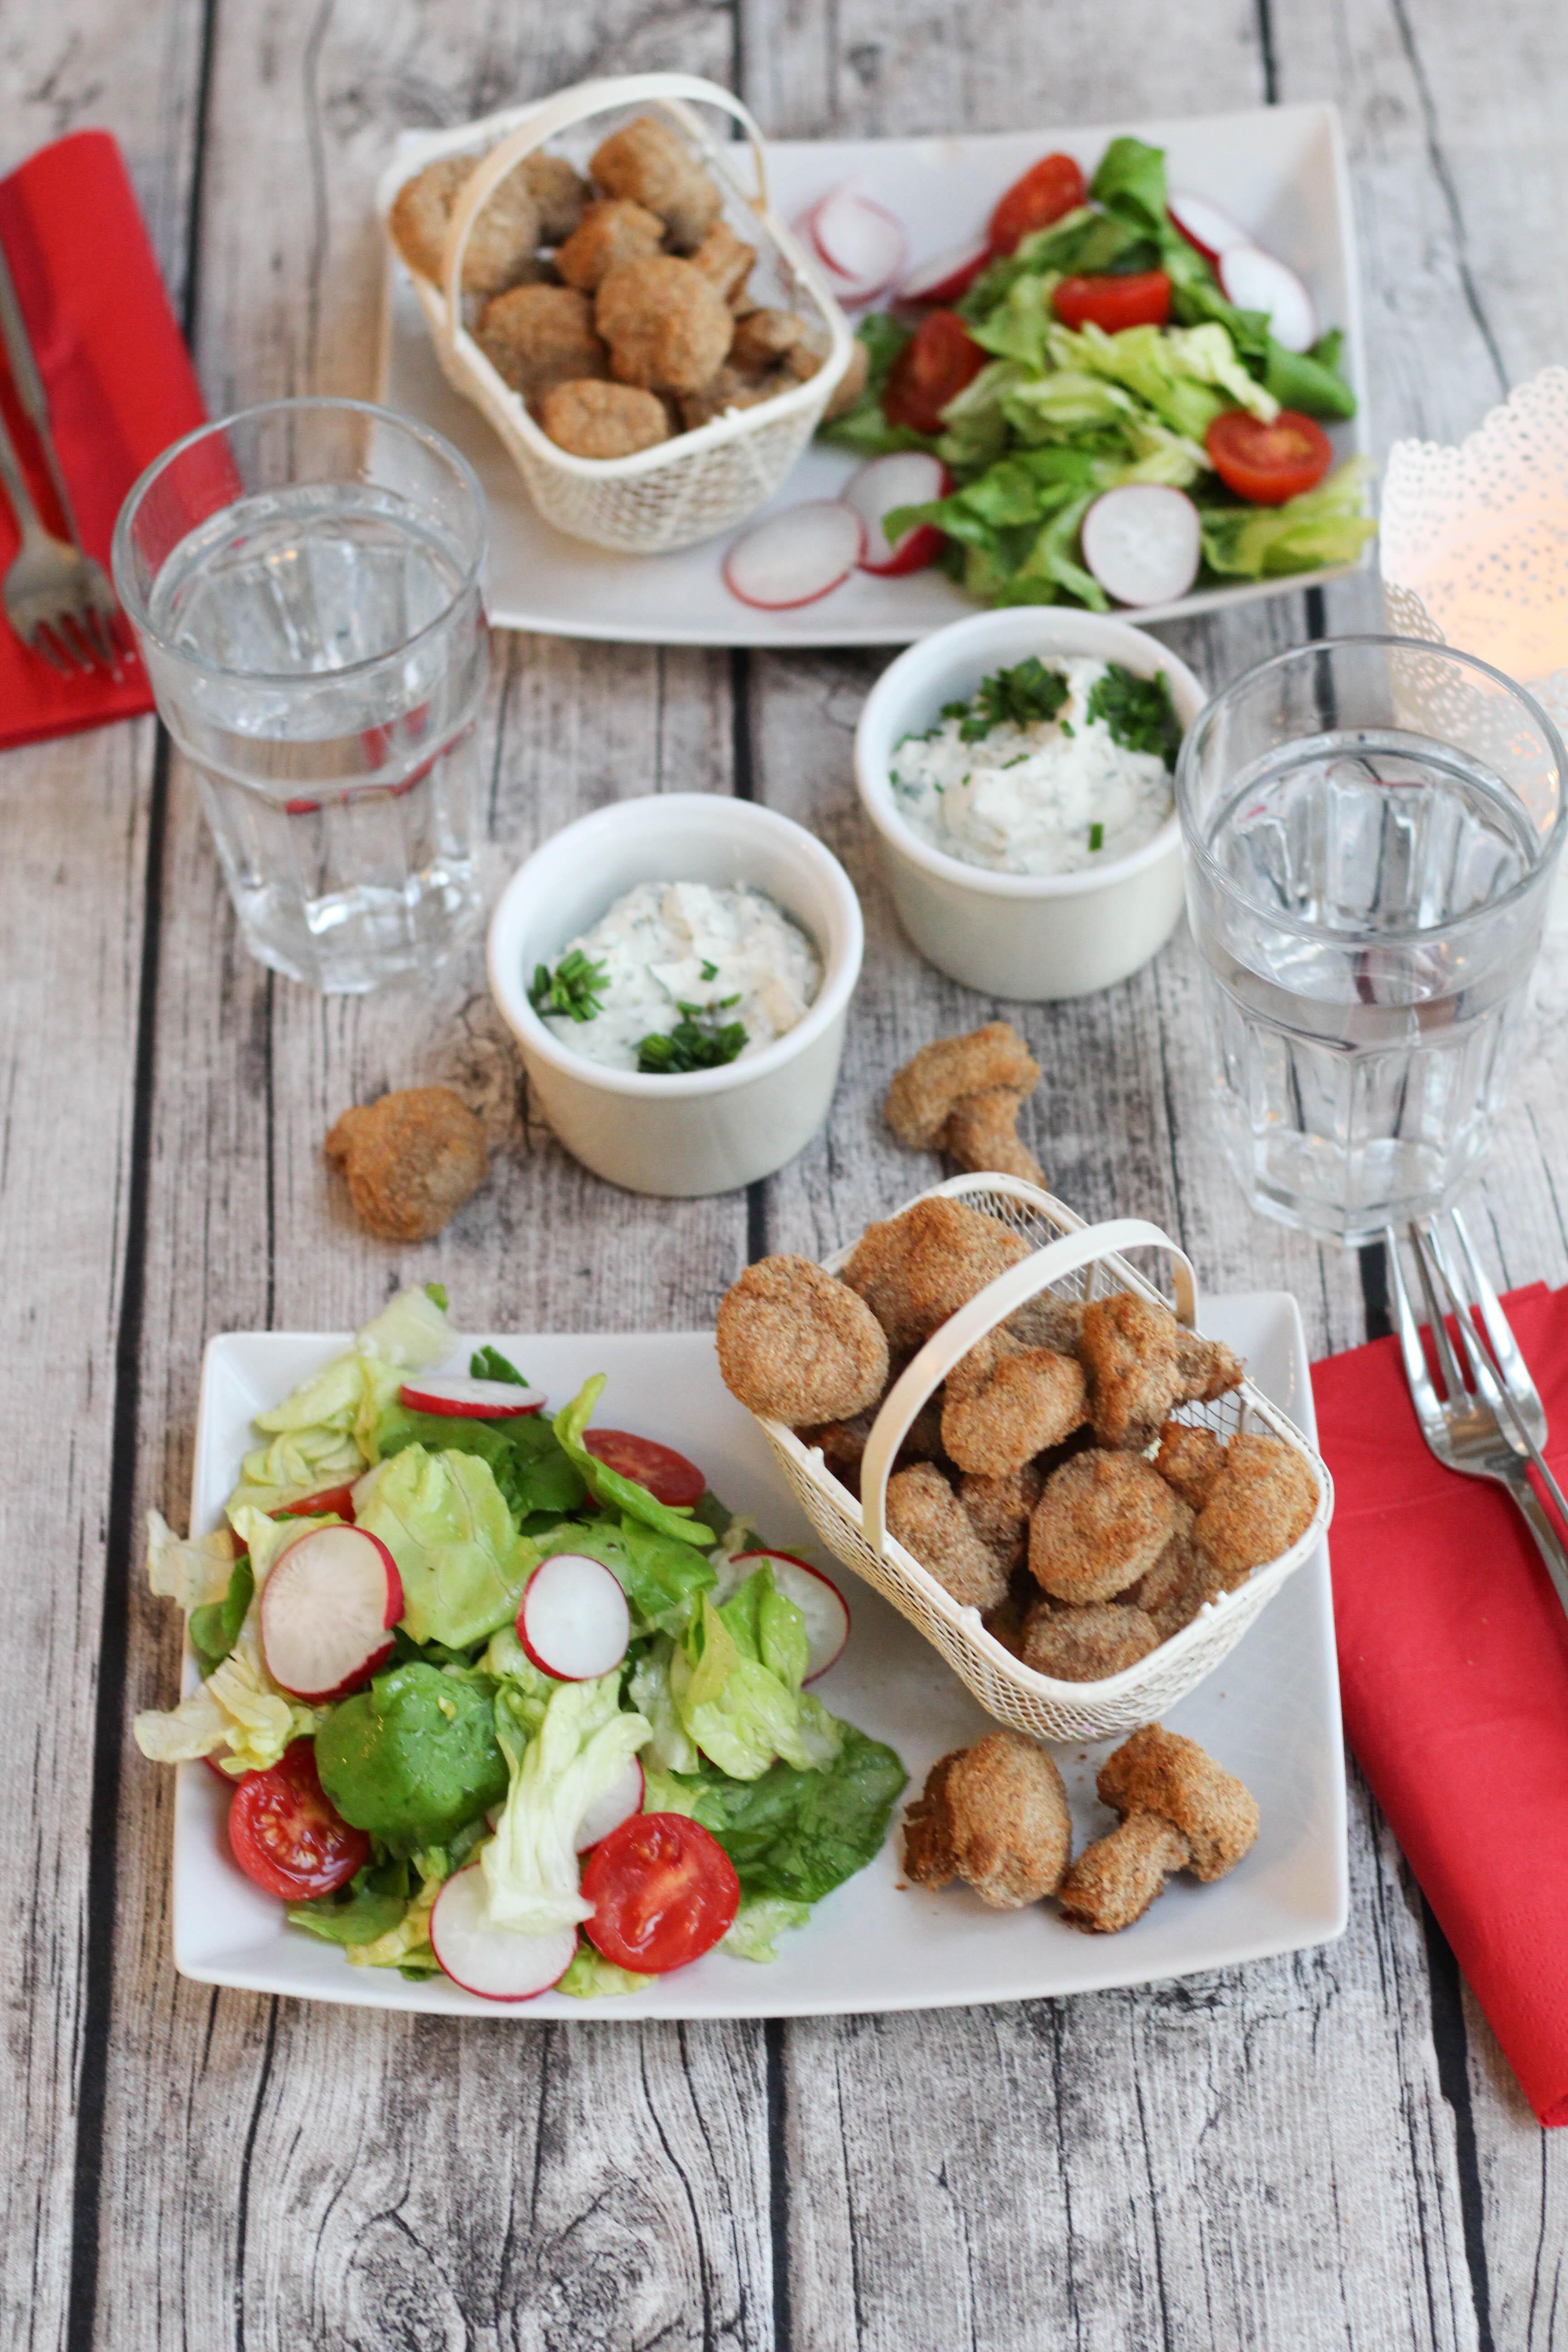 vegan panierte champignons schwammerl pilze austrianfood veganfood 1 von 1 7 dein homespa. Black Bedroom Furniture Sets. Home Design Ideas